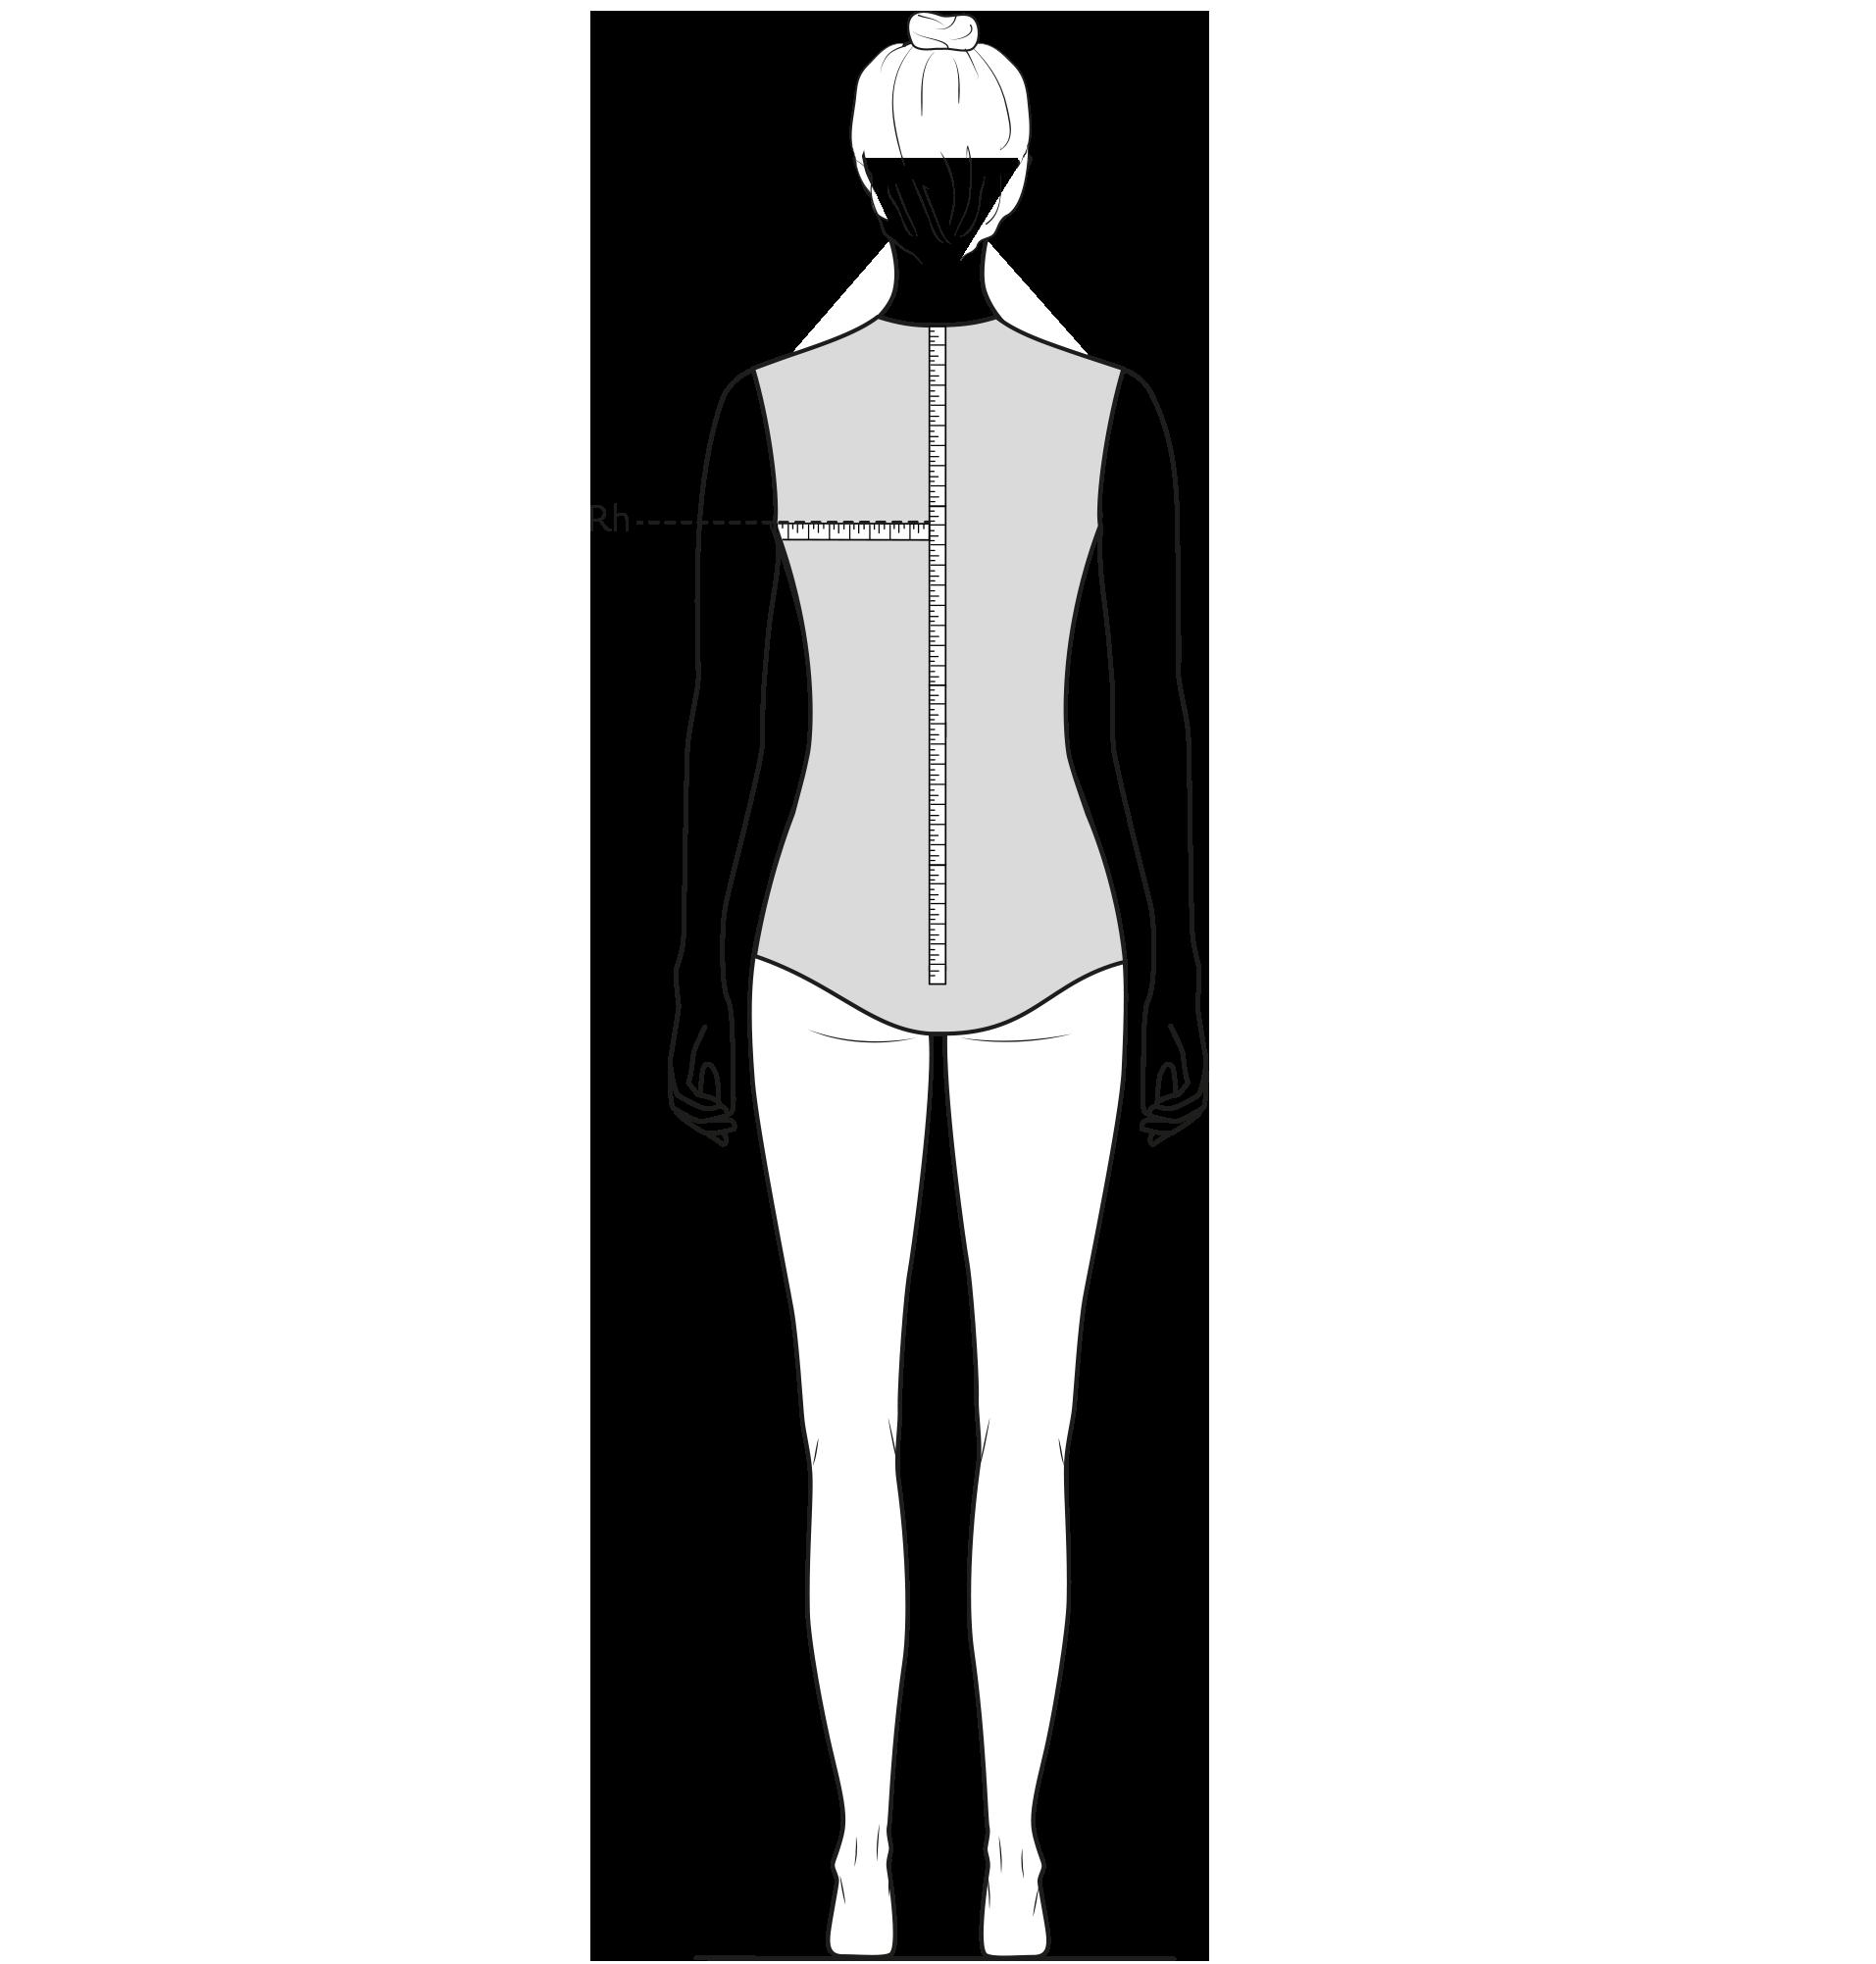 Diese Zeichnung zeigt das Messen der Rückenhöhe.